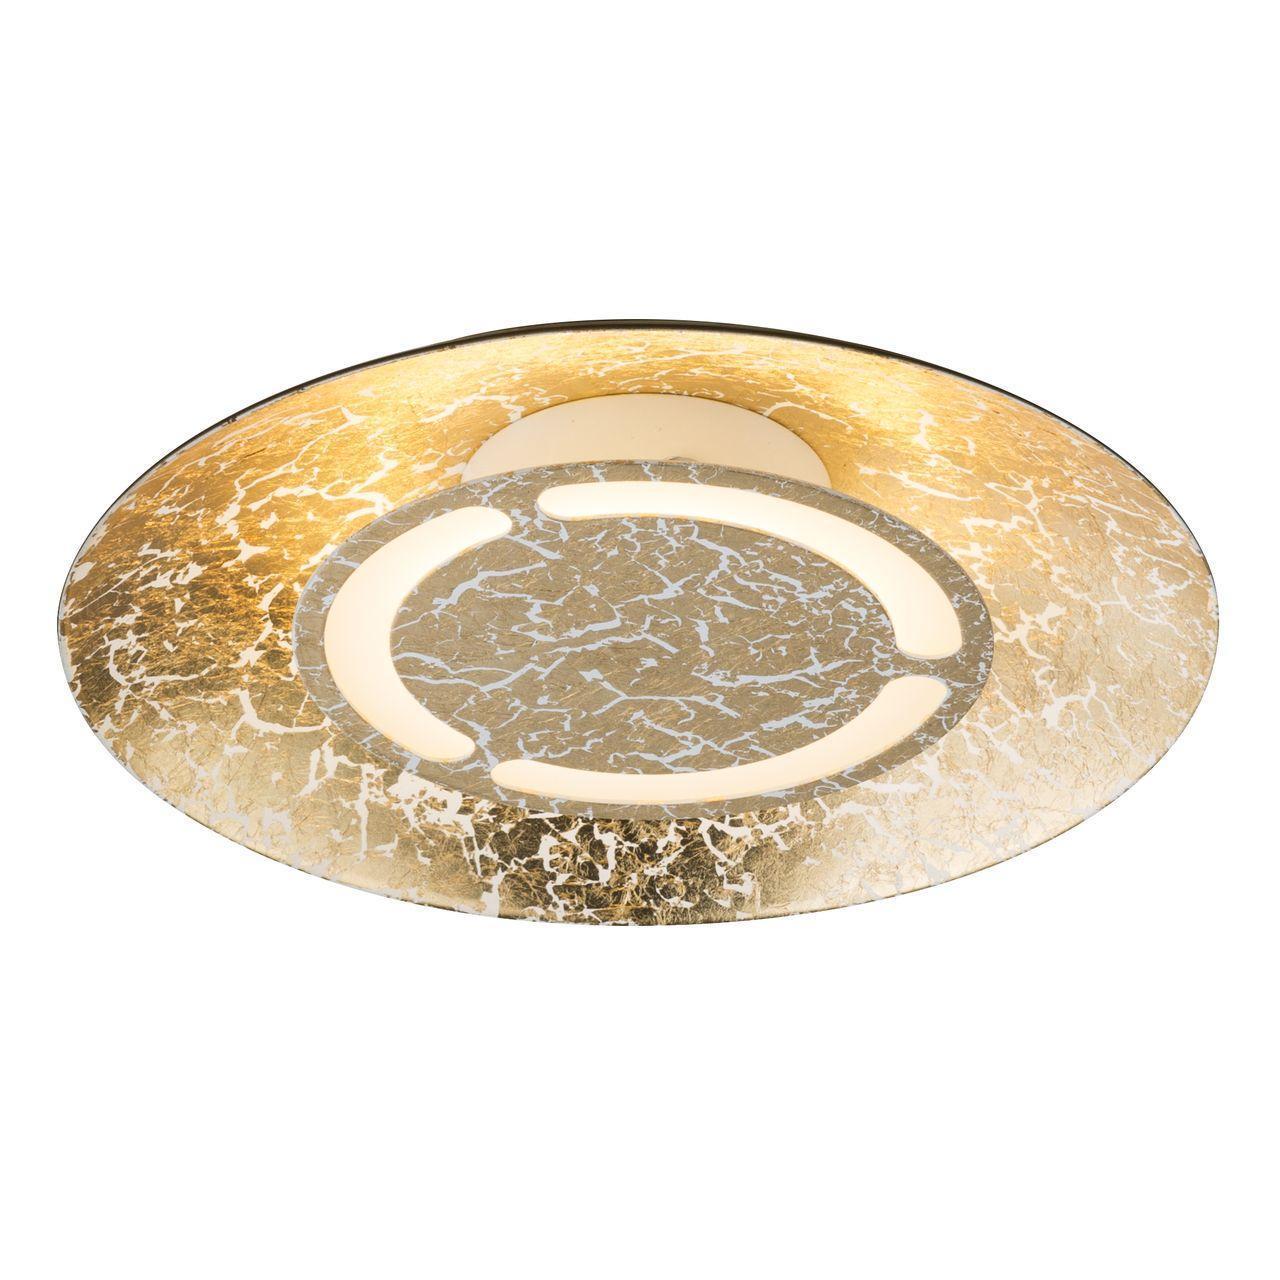 Потолочный светильник Globo 41900-6, золотой потолочный светодиодный светильник globo cyris 49229 6